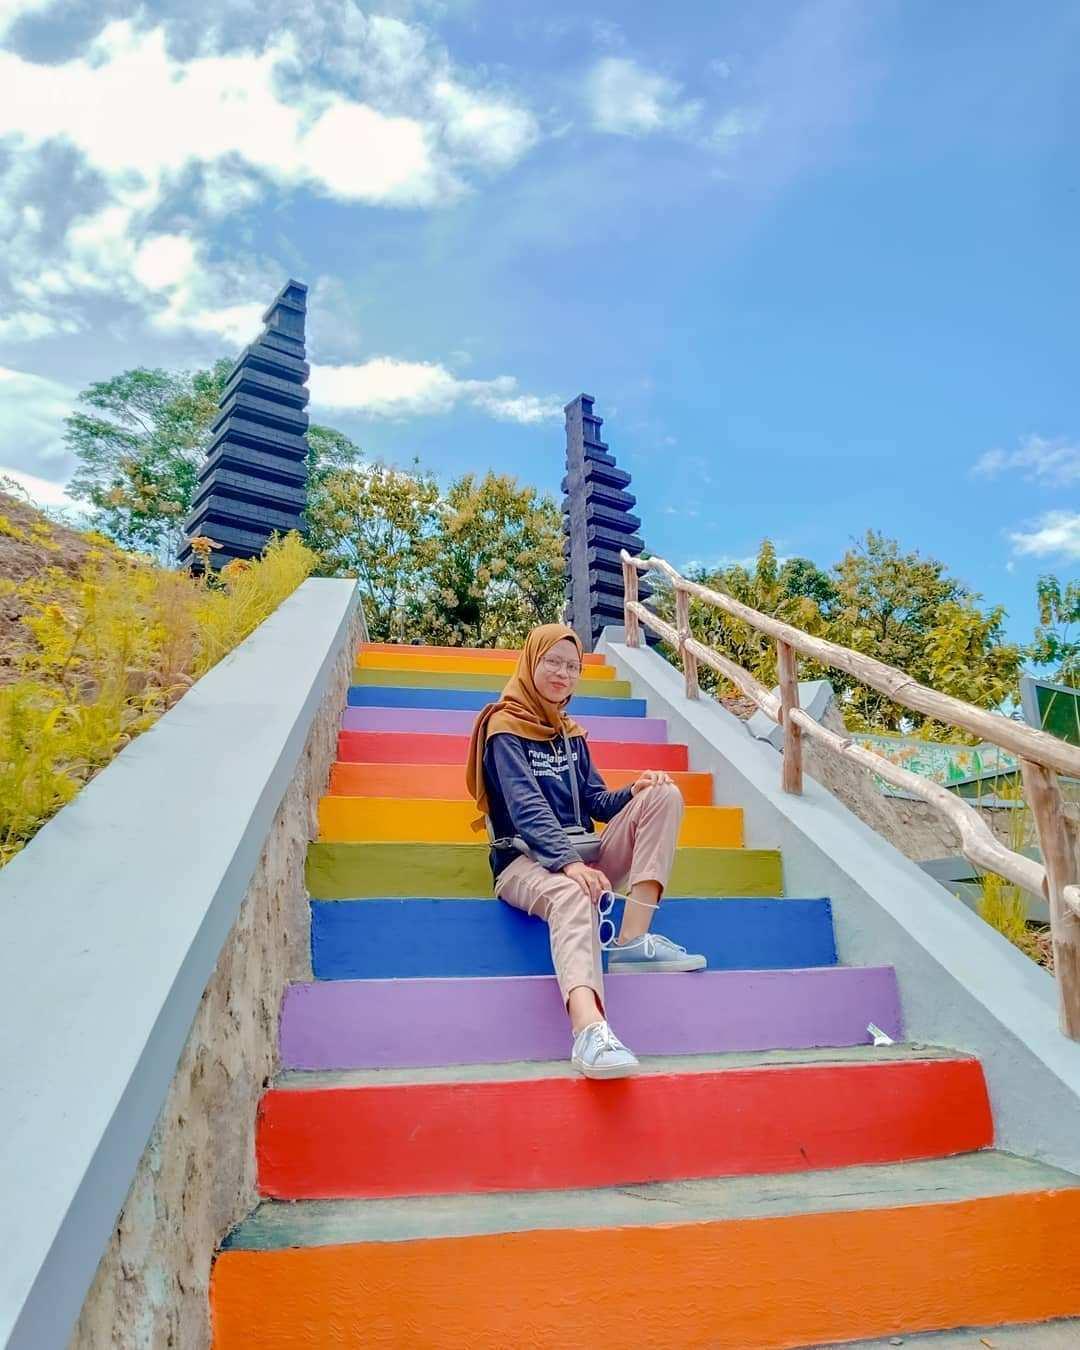 Tangga Warna Warni di Lengkung Langit Lampung, Image From @meili_lida057